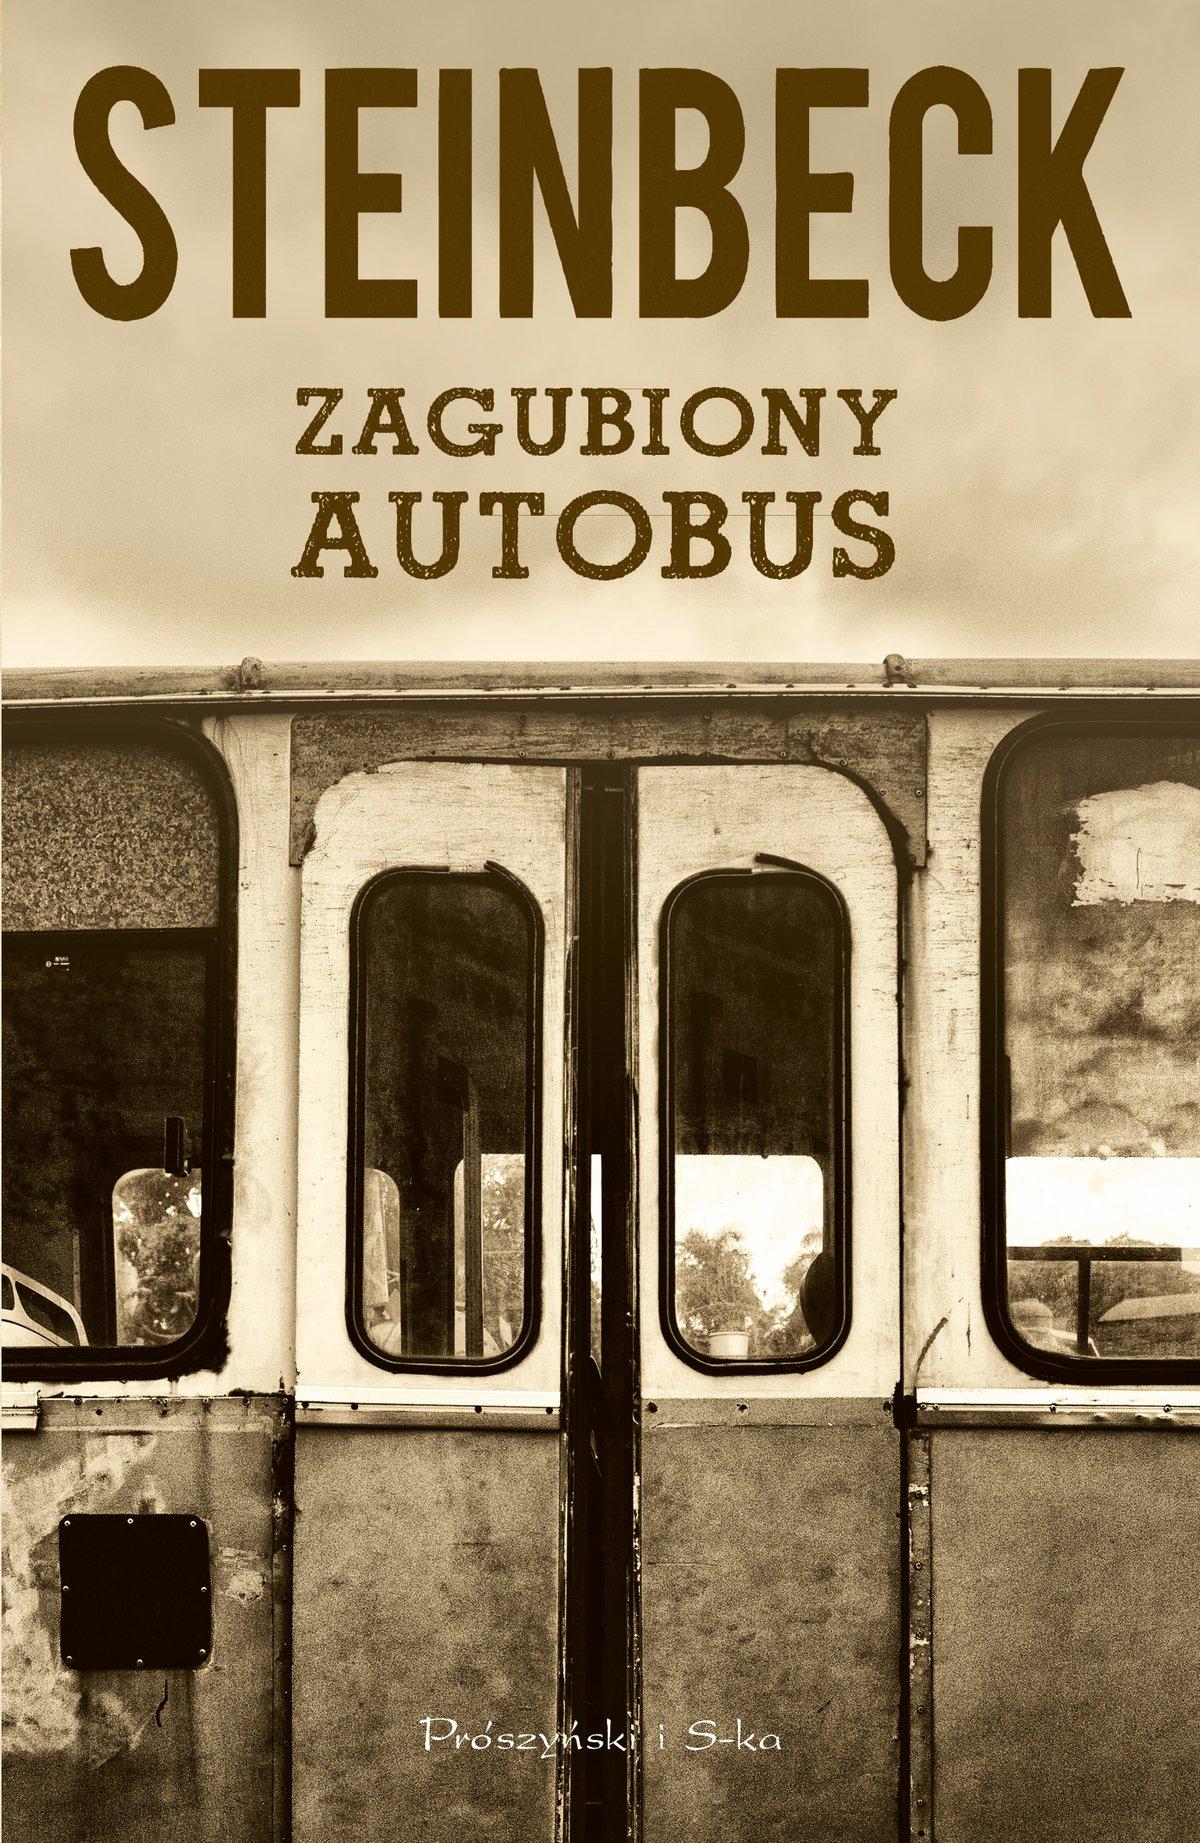 Zagubiony autobus - Ebook (Książka EPUB) do pobrania w formacie EPUB